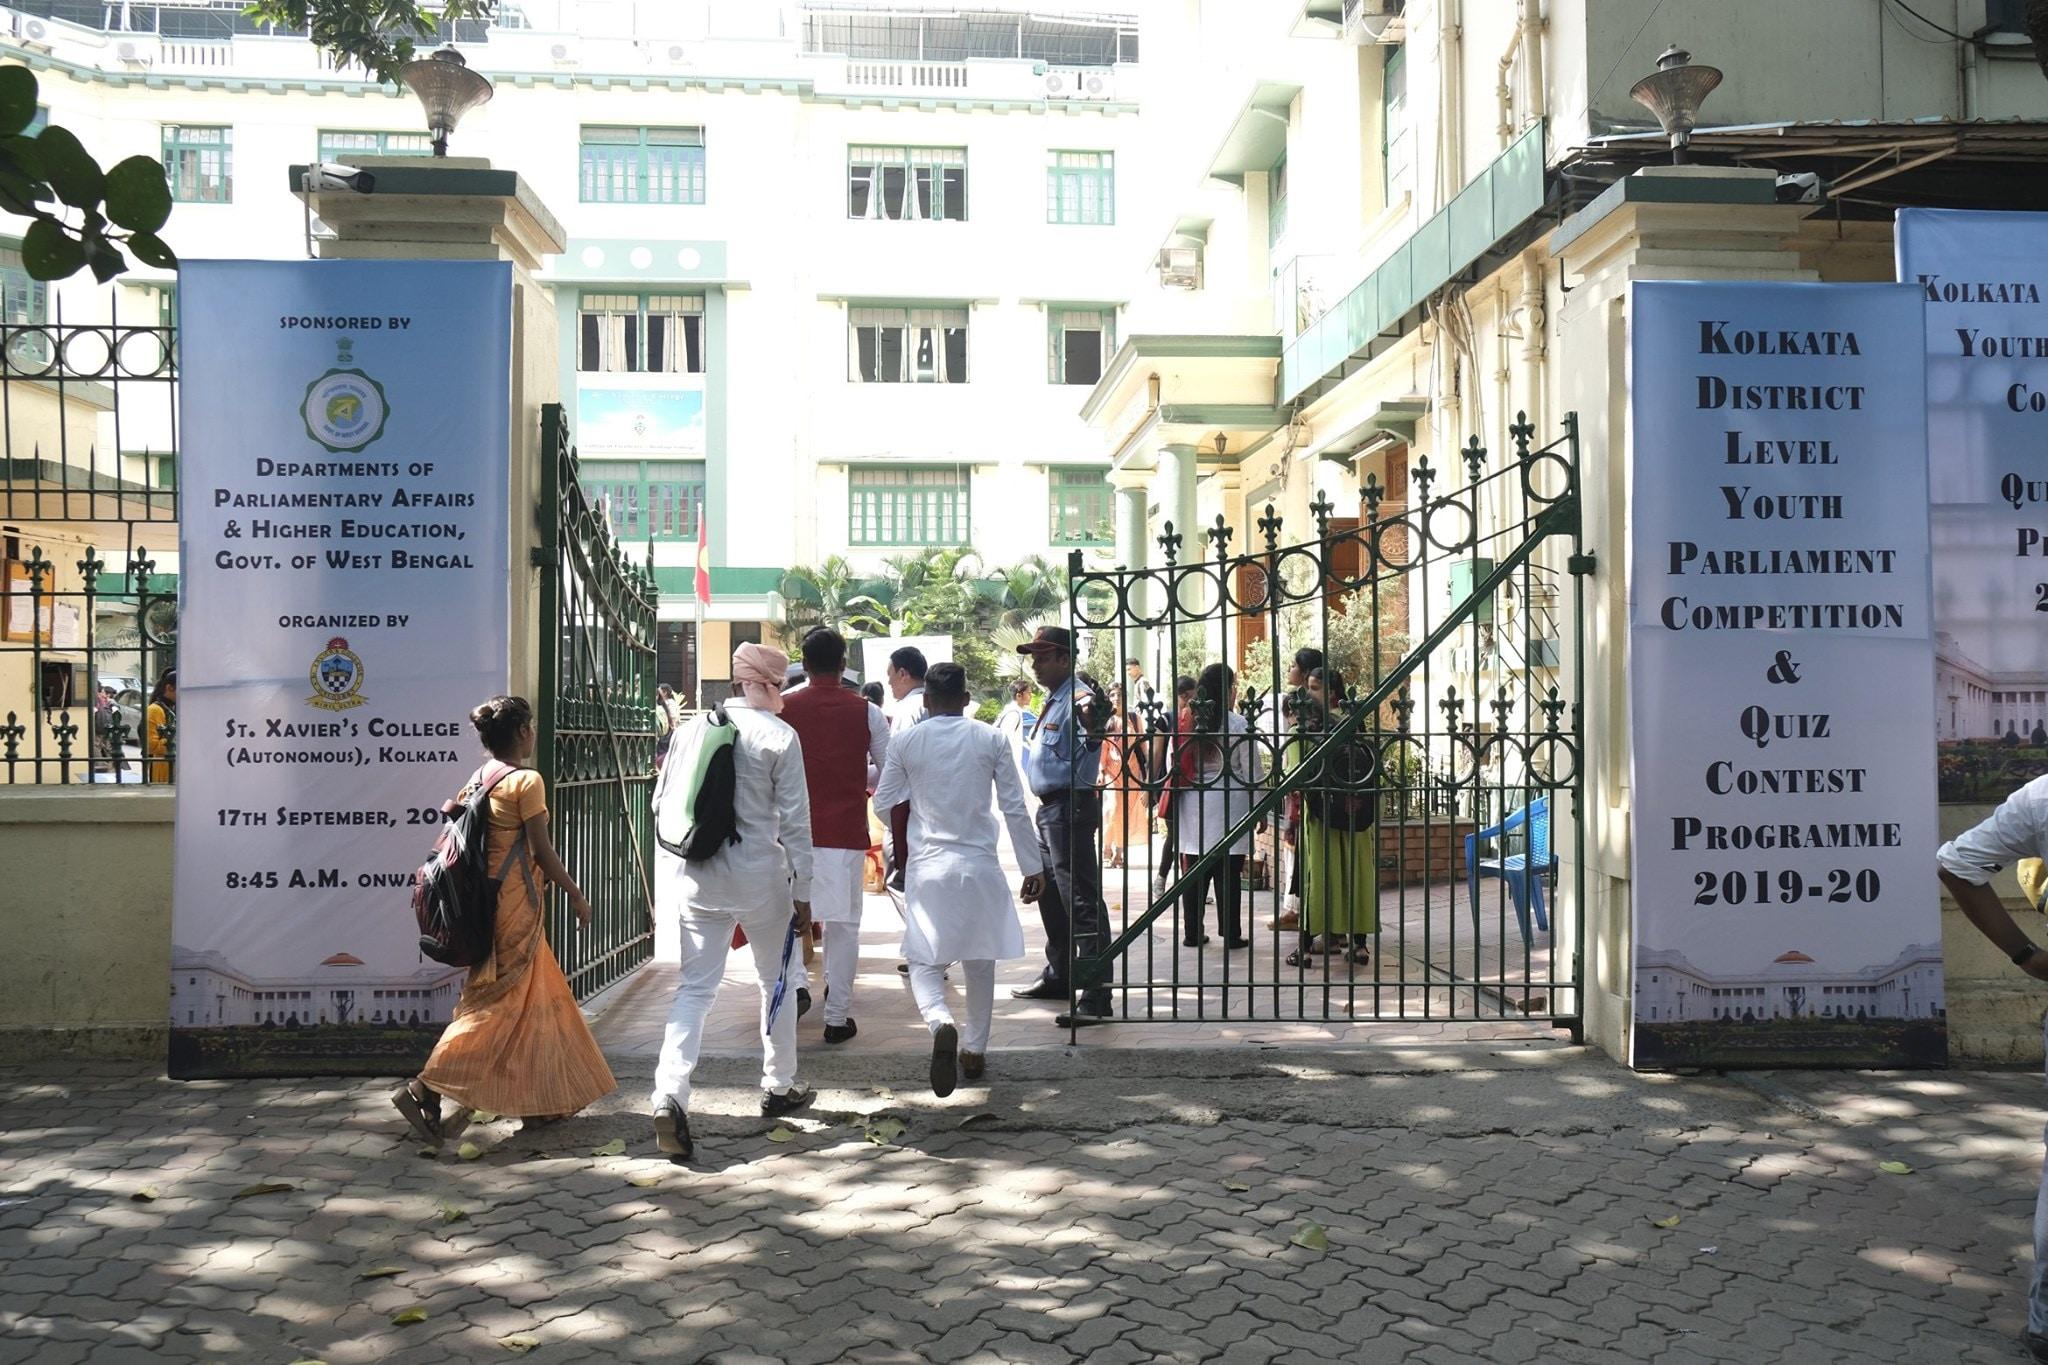 তালিকায় চতুর্থ স্থানে আছে সেন্ট জেভিয়ার্স কলেজ। গত বছর যুগ্মভাবে সপ্তম স্থান অধিকার করেছিল। (ছবি সৌজন্য, ফেসবুক @SXCKOLKATA)